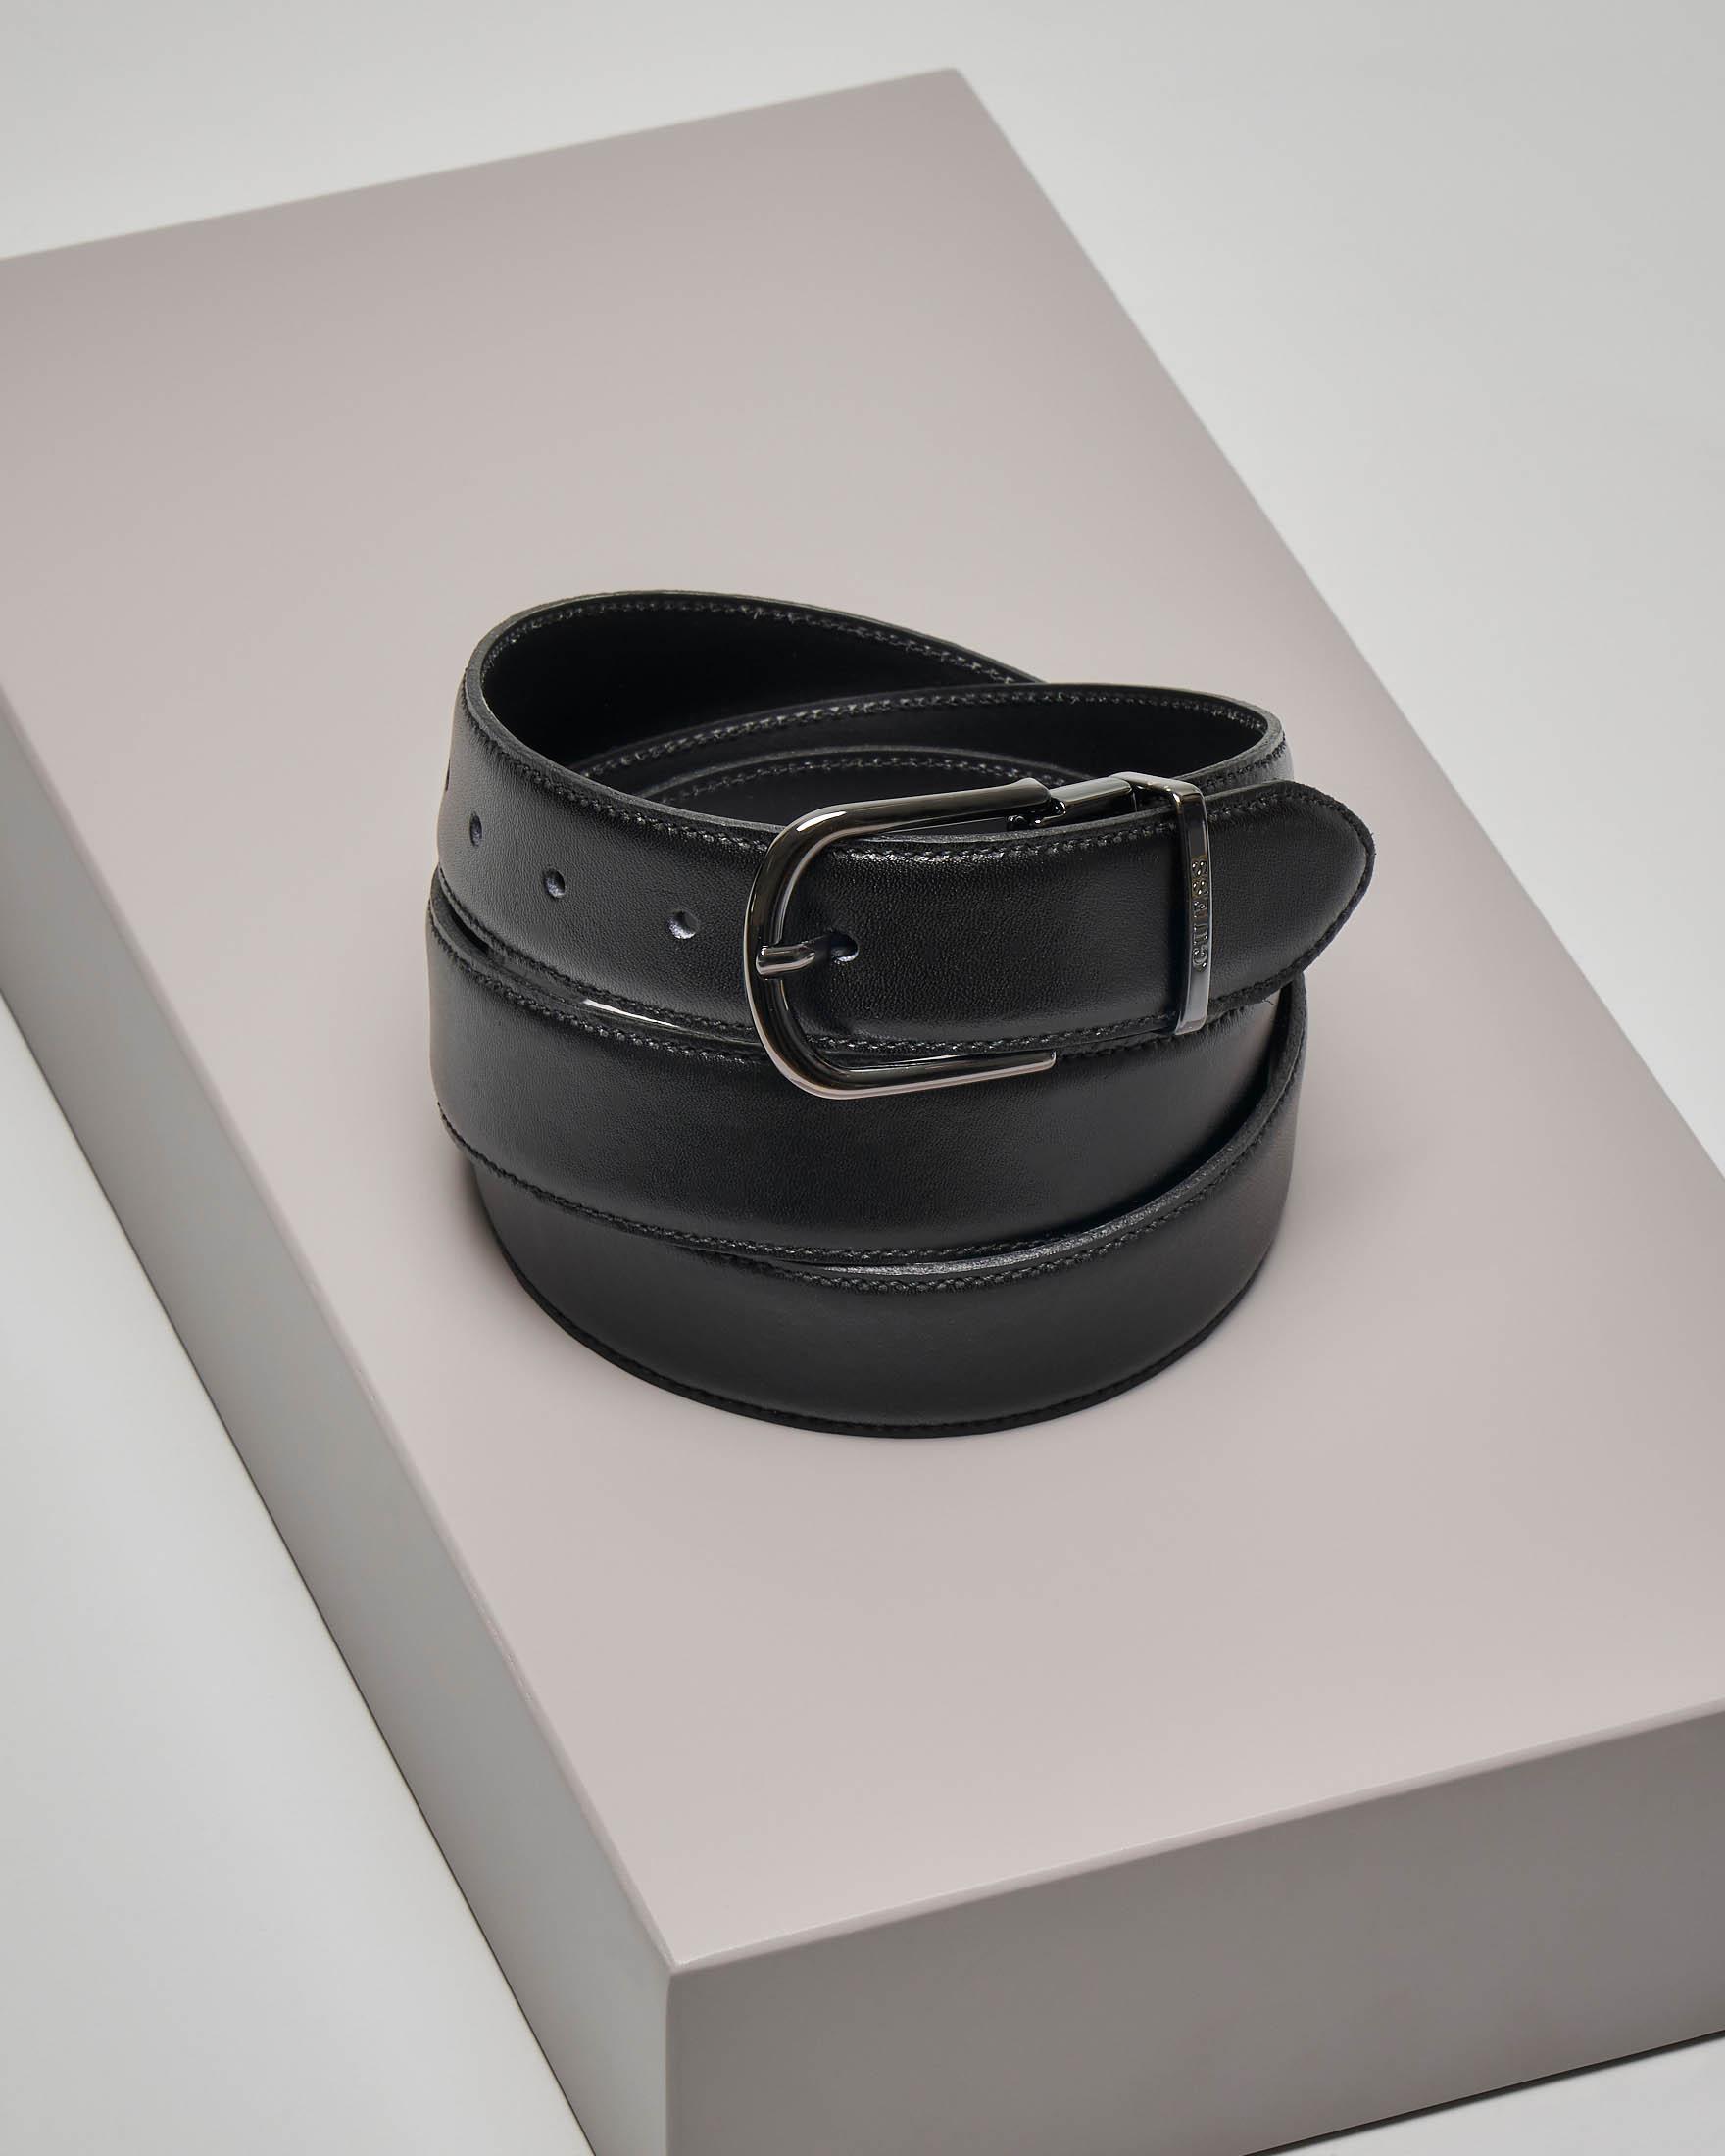 Cintura nera in pelle con fibbia stondata